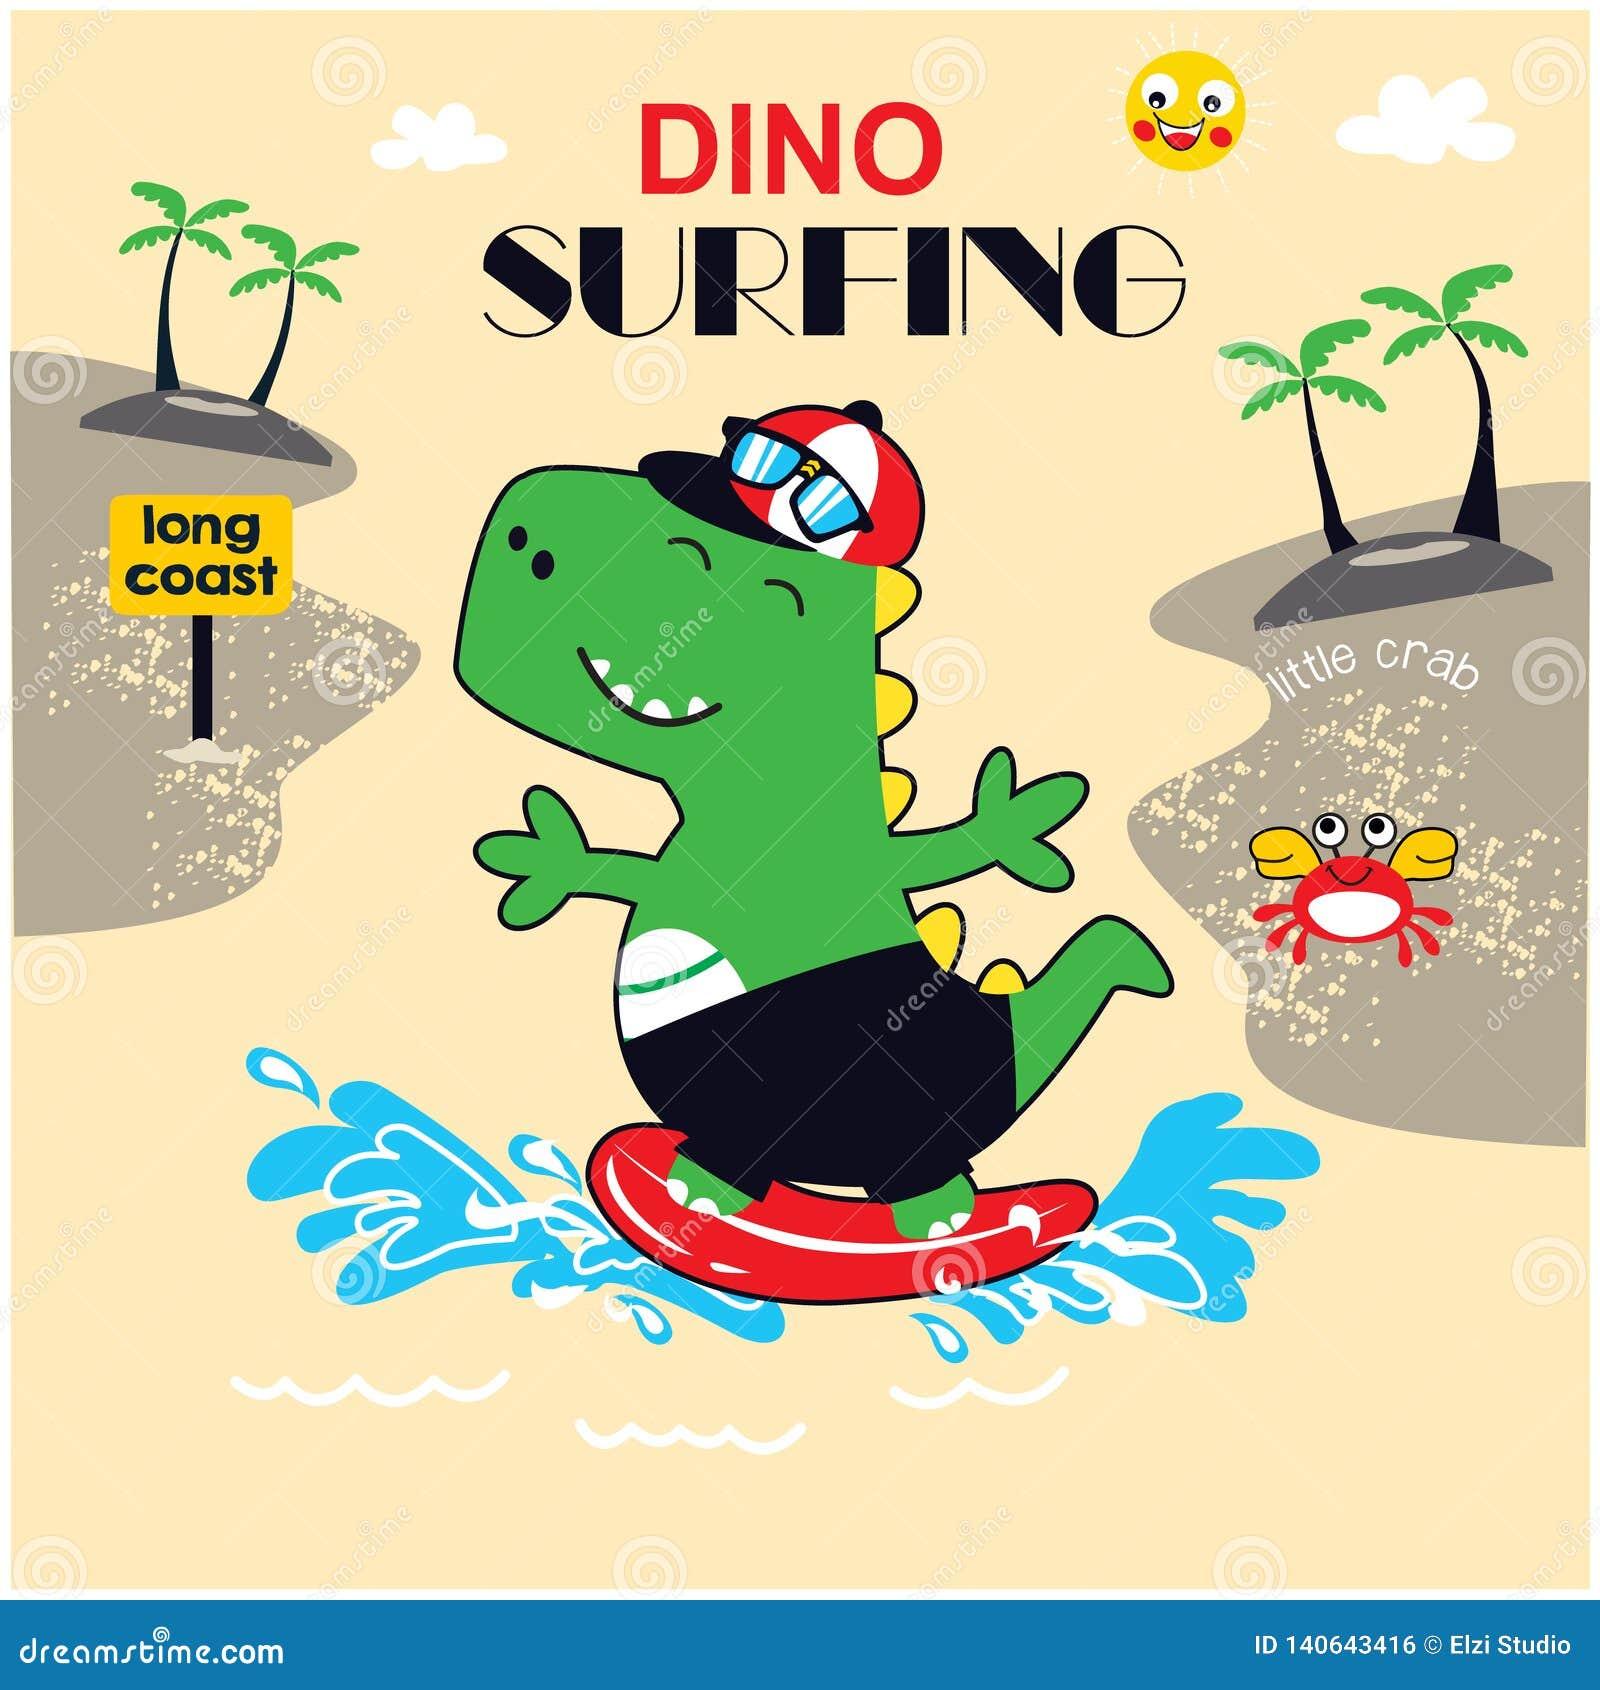 Cute dinosaur surfer illustration vector